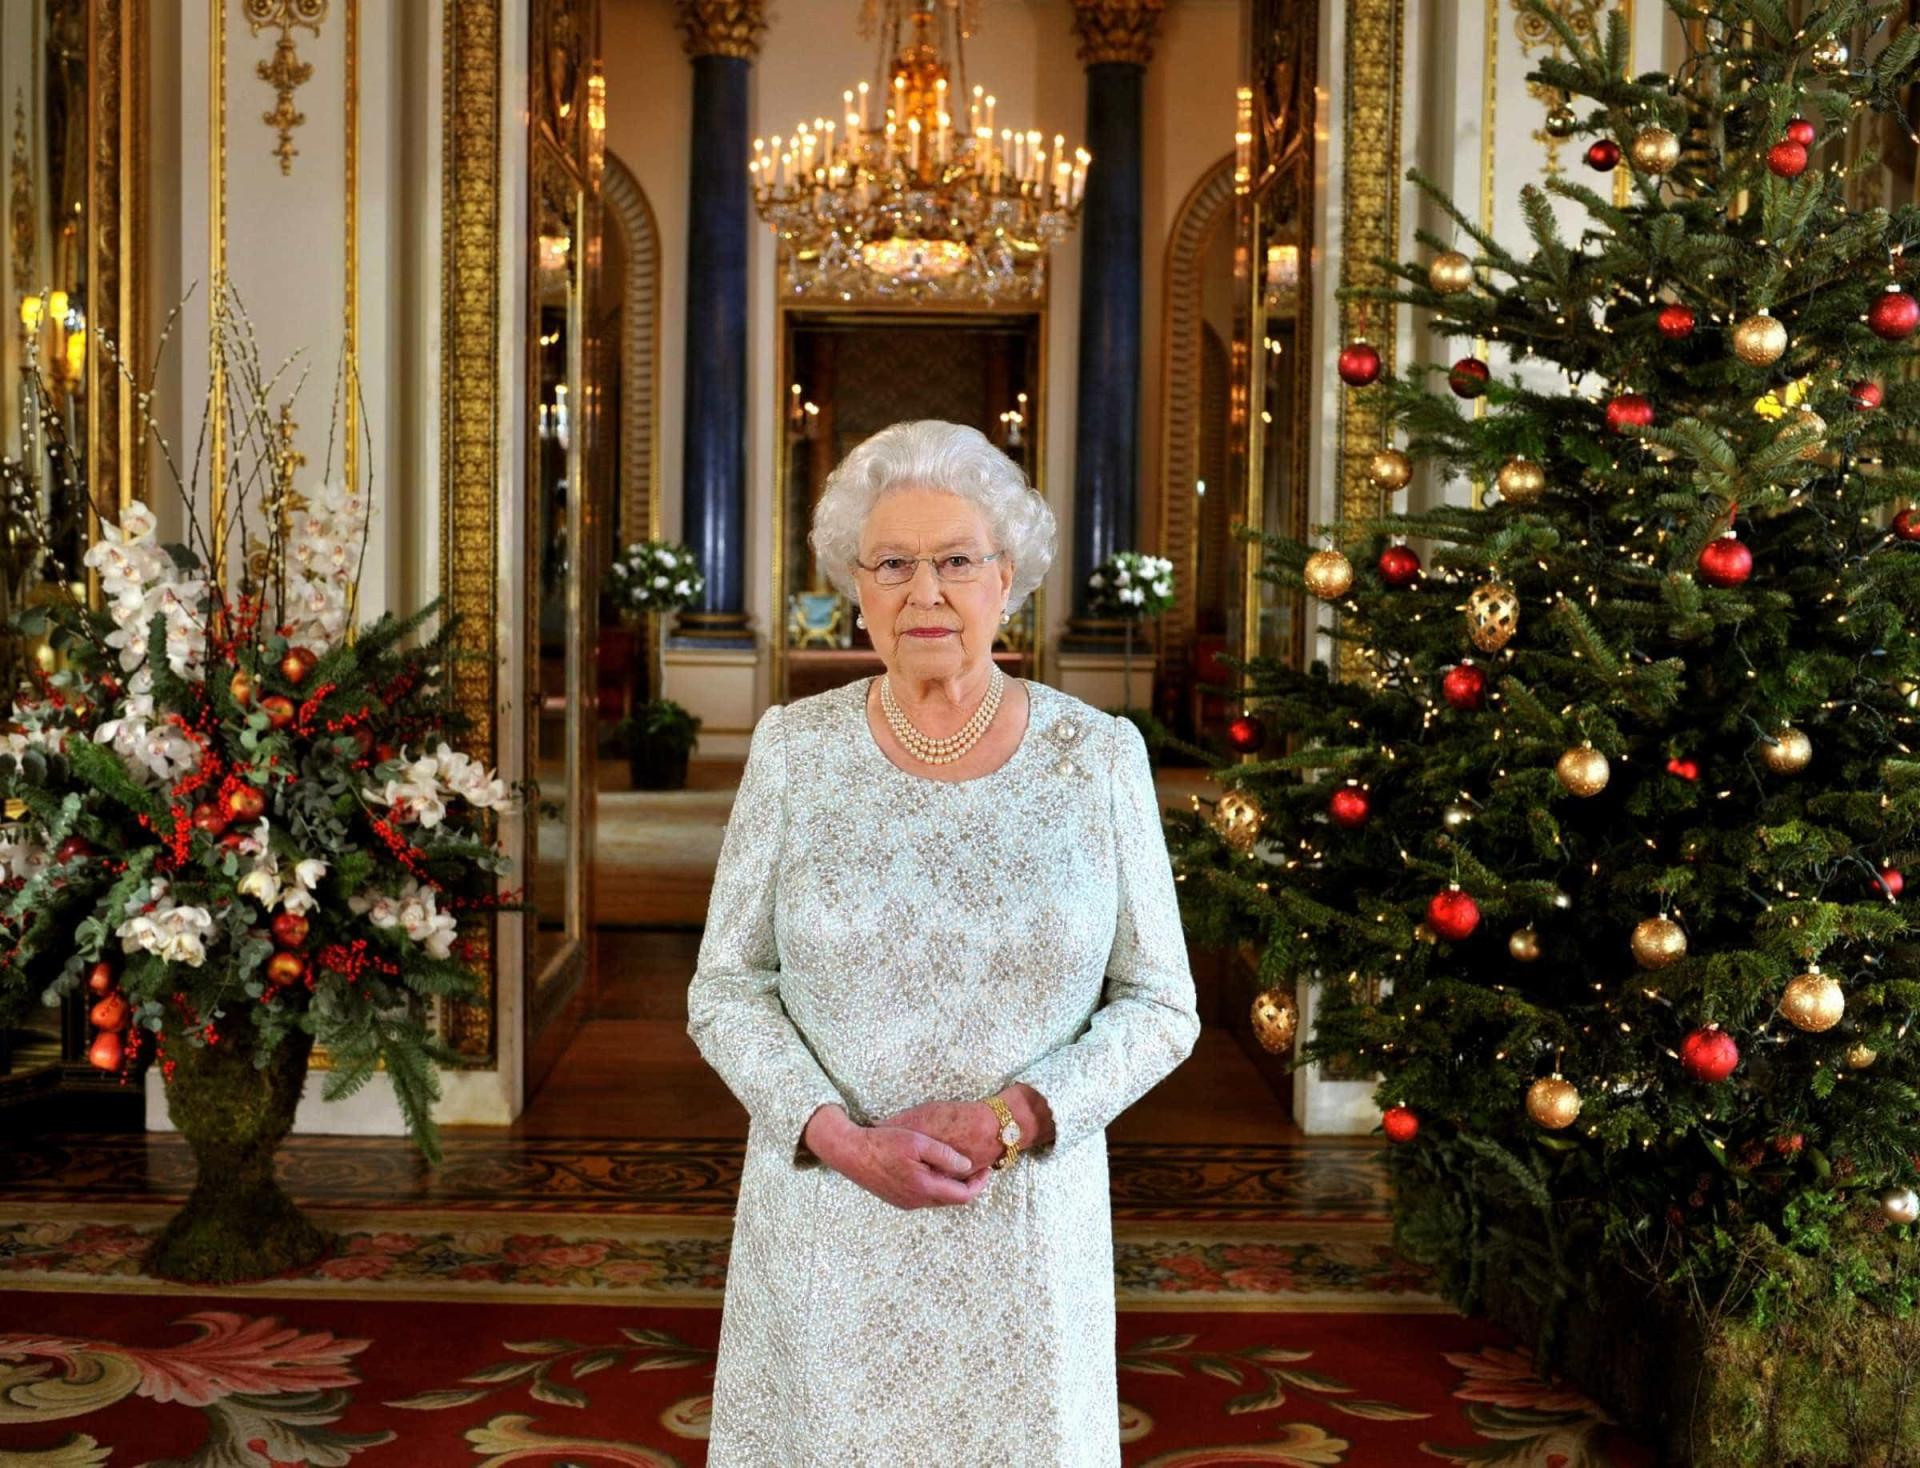 Tradições peculiares da família real britânica para o Natal